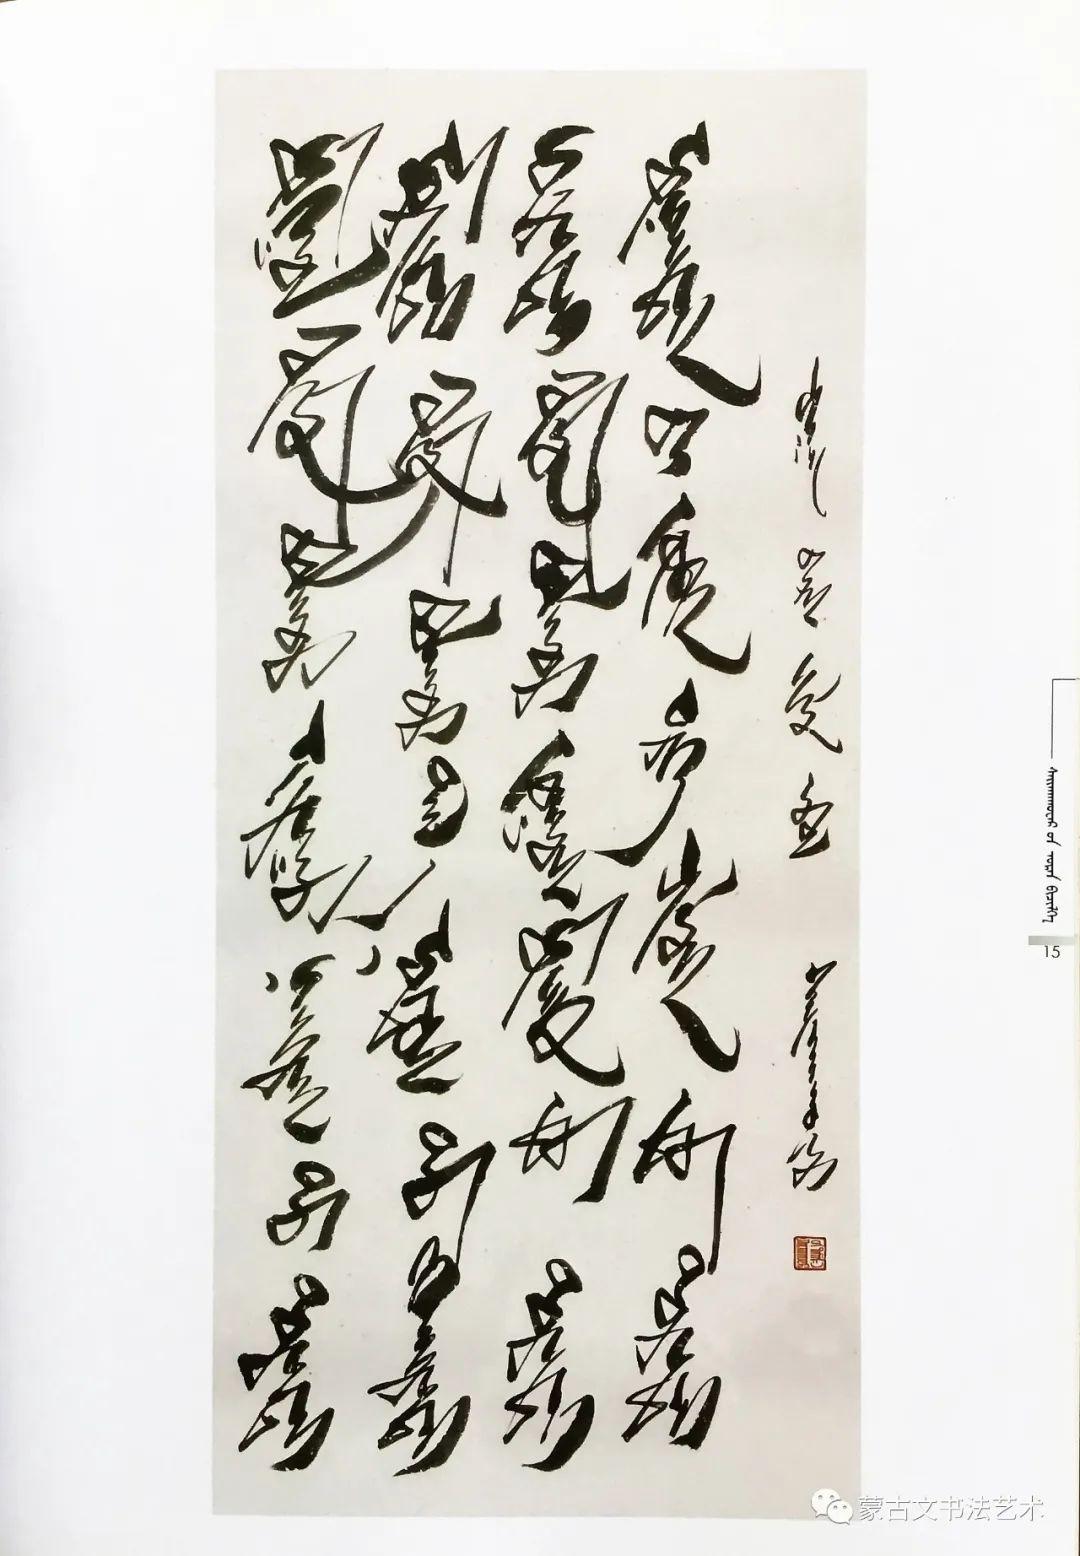 包赛音花《传奇奈曼-包赛音花蒙古文书法》 第11张 包赛音花《传奇奈曼-包赛音花蒙古文书法》 蒙古书法